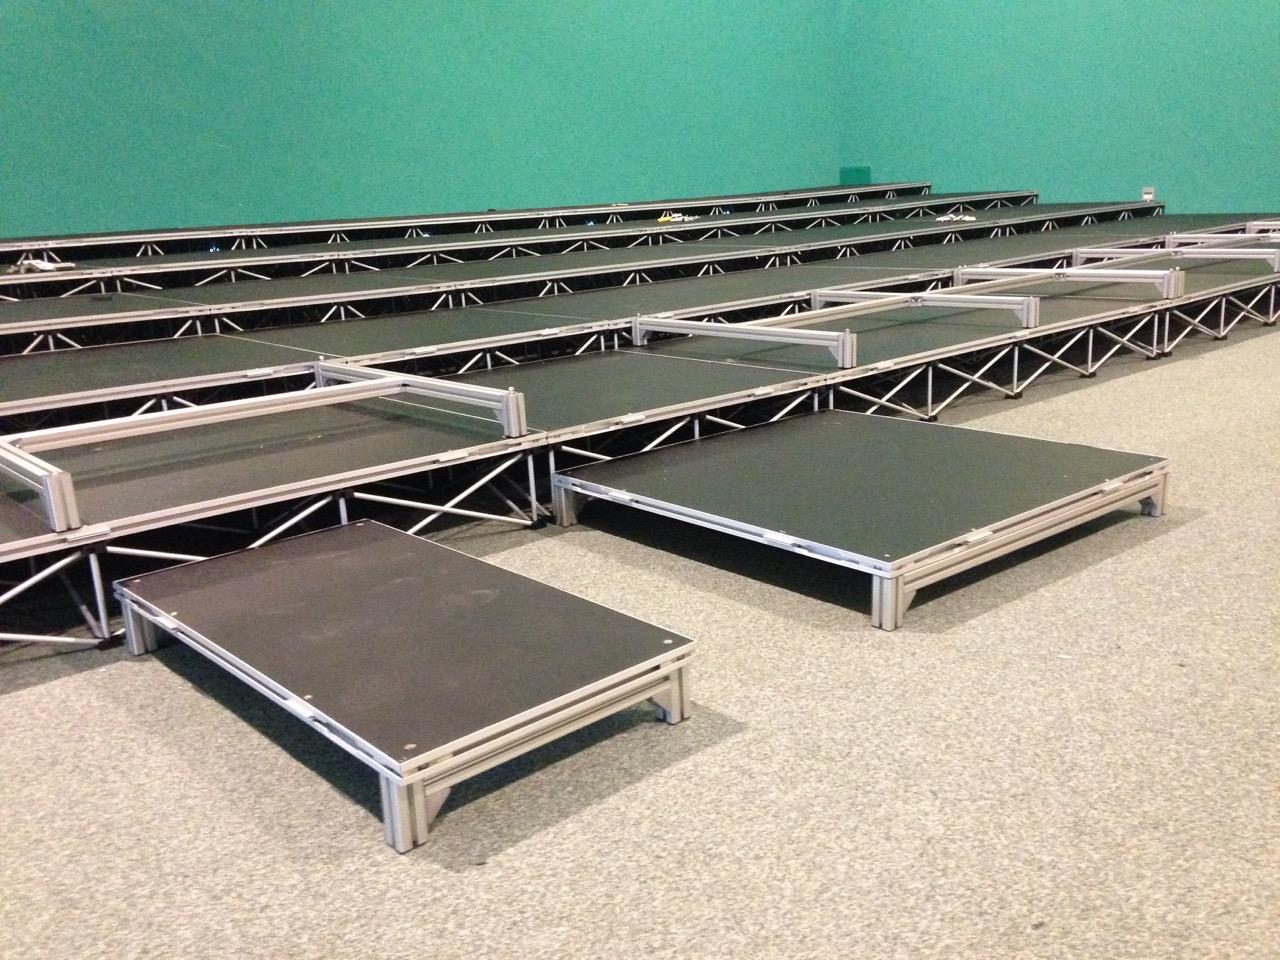 Scène IntelliStage Sur Mesure hauteur - de 20 cm ou +3, +4, +5, +6 cm